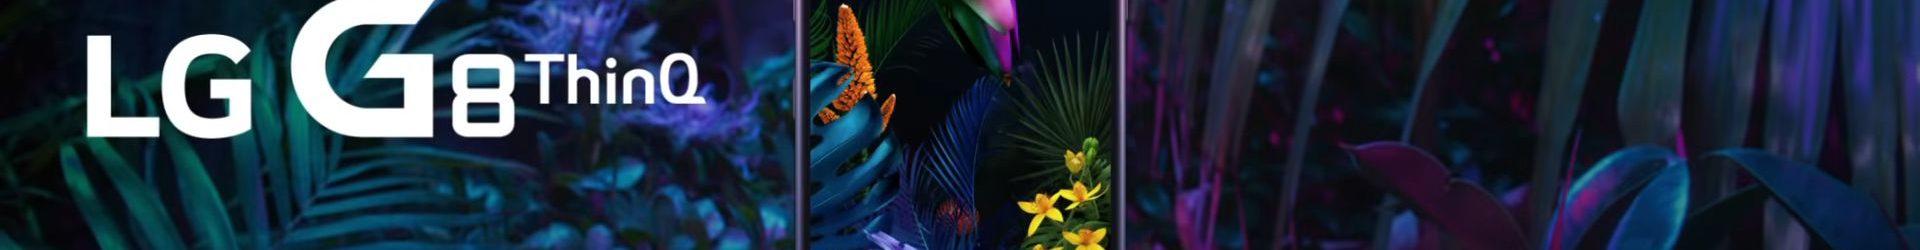 LG G8s ufficiale: il top di gamma con sistema di riconoscimento delle vene